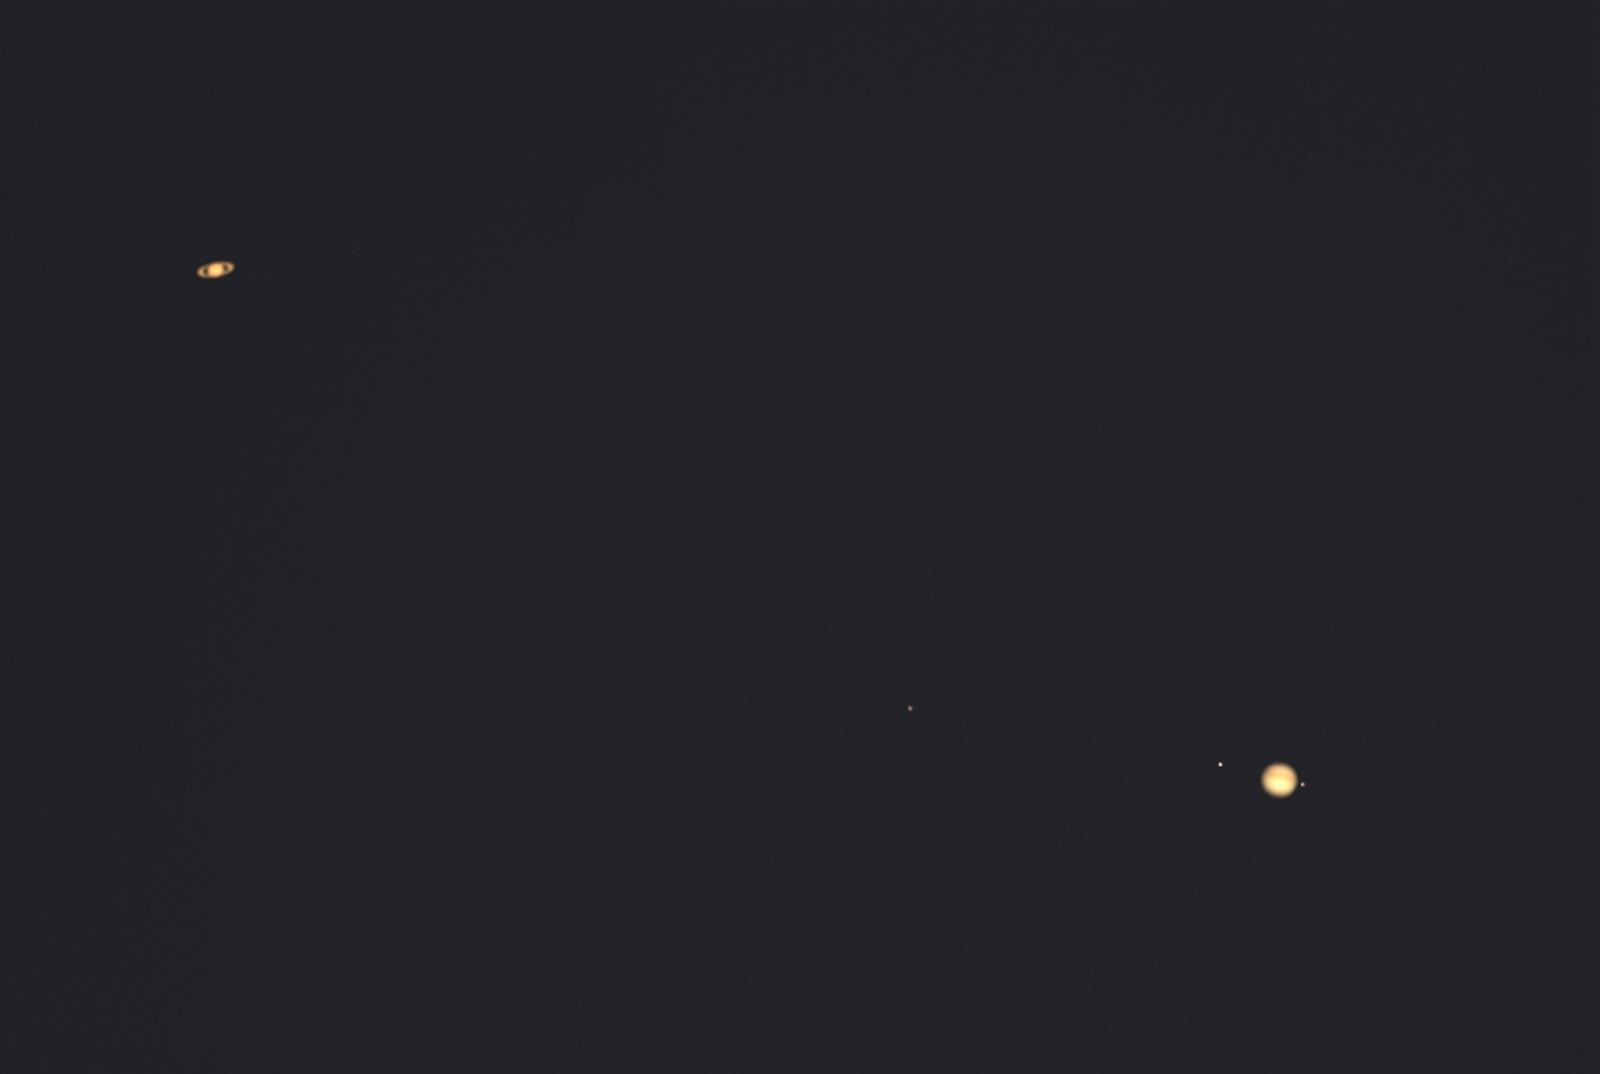 647150277_xxxKoniunkcjaJowisz-Saturn22arcminut18_12.2020r_16.35_MAK150F1800_LumixG3_UV_IR.cut_60....thumb.jpg.64430b20b7fb5c51a65027ffe51da107.jpg